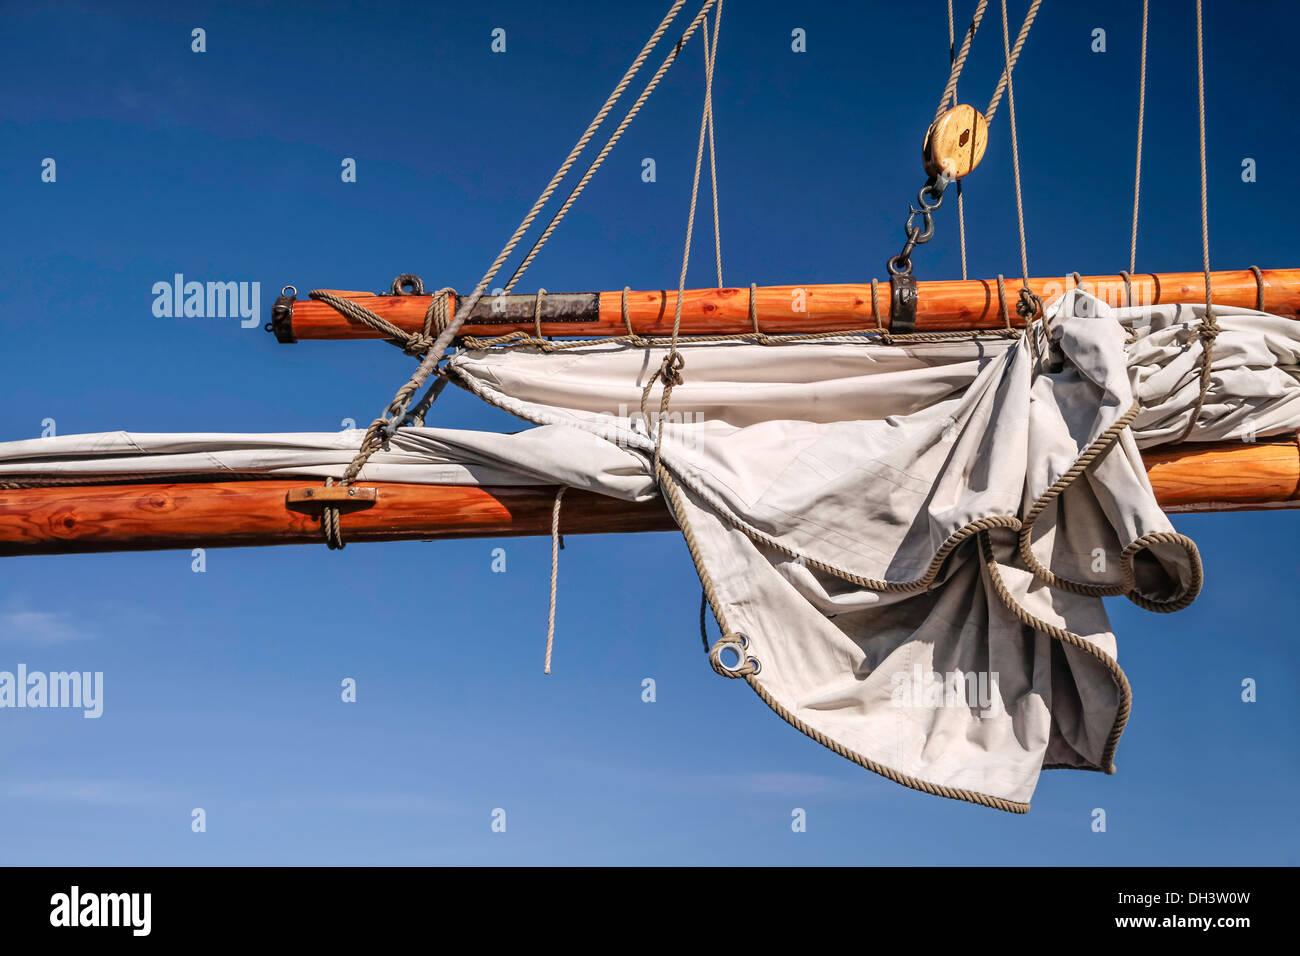 Masten und Segel hoch segelndes Schiff in Amaliehaven